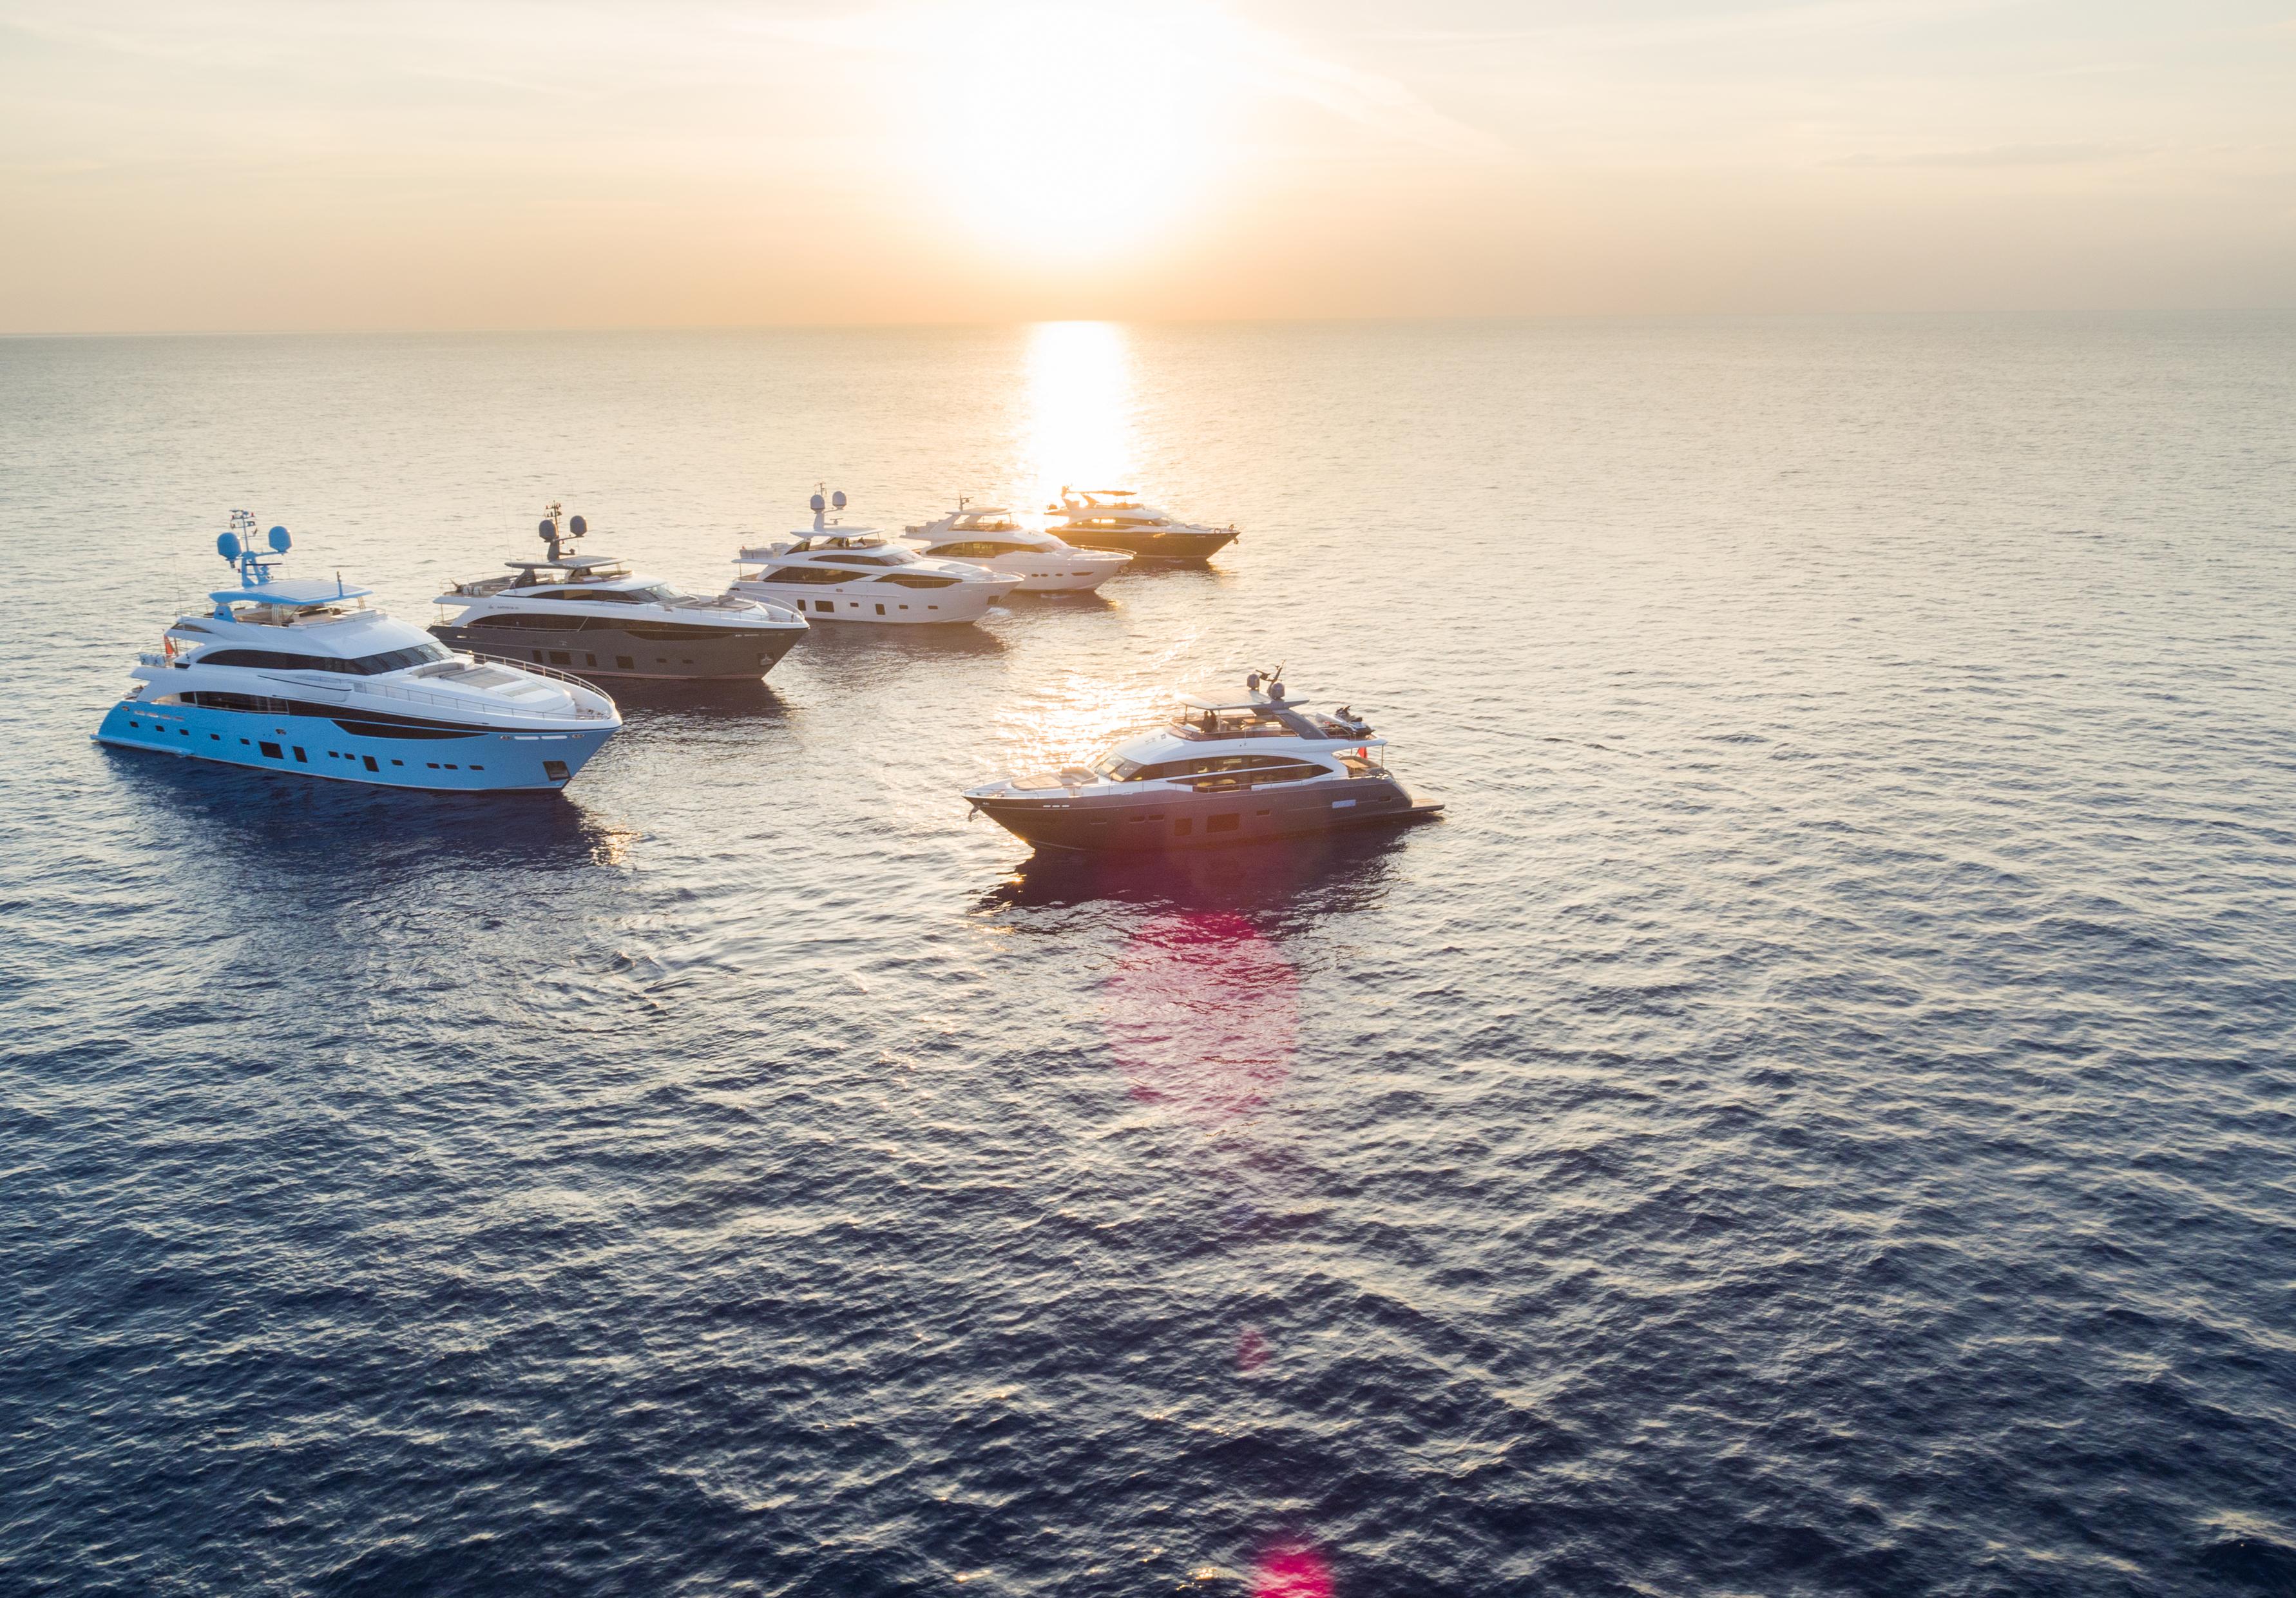 princess-m-class-and-motor-yacht-exterior-1 copy